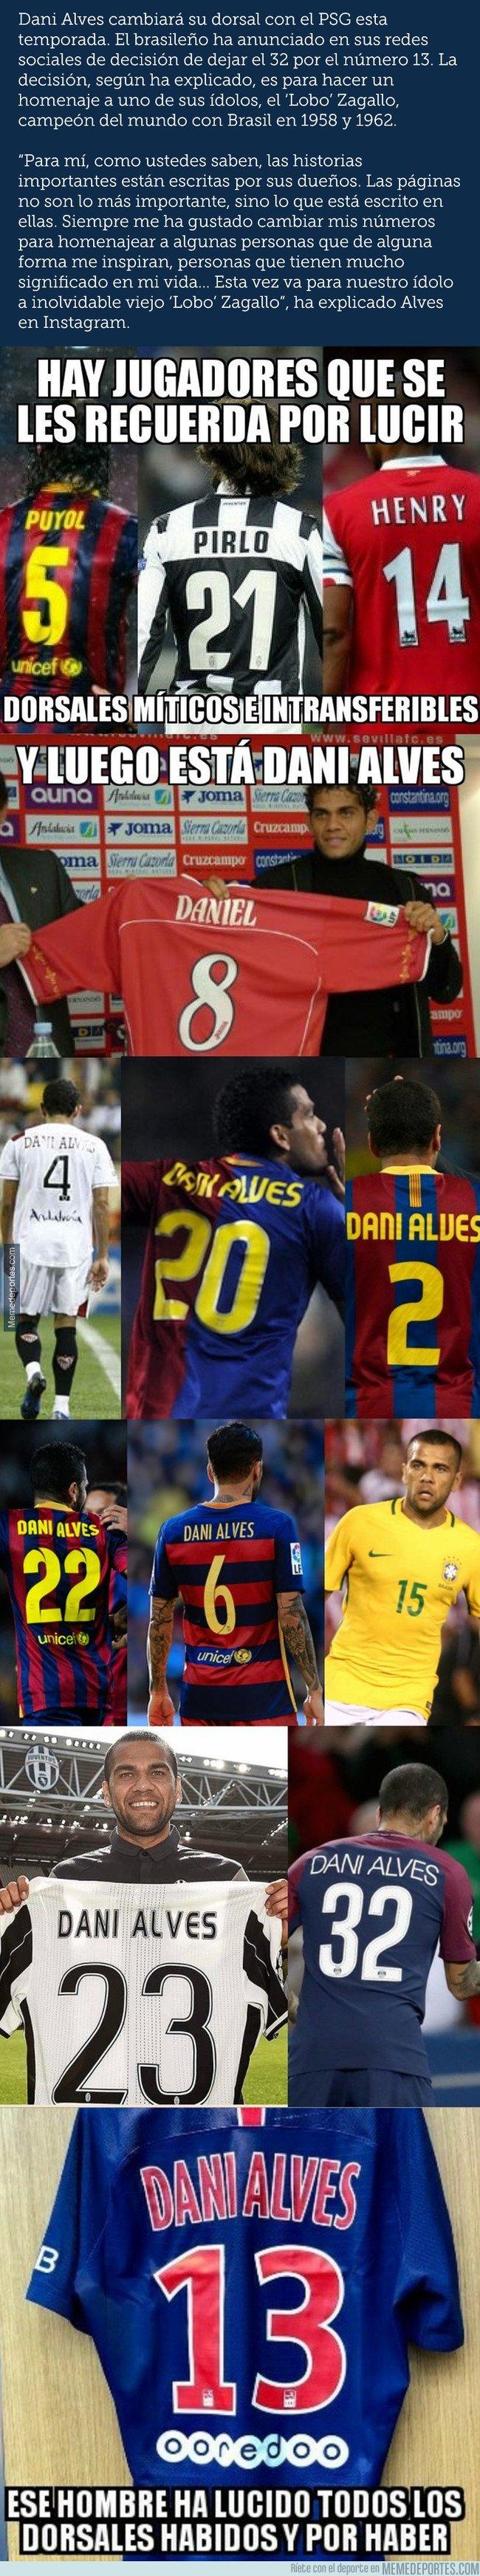 1048946 - Dani Alves, el hombre de los 1000 dorsales, ahora con el 13 del PSG